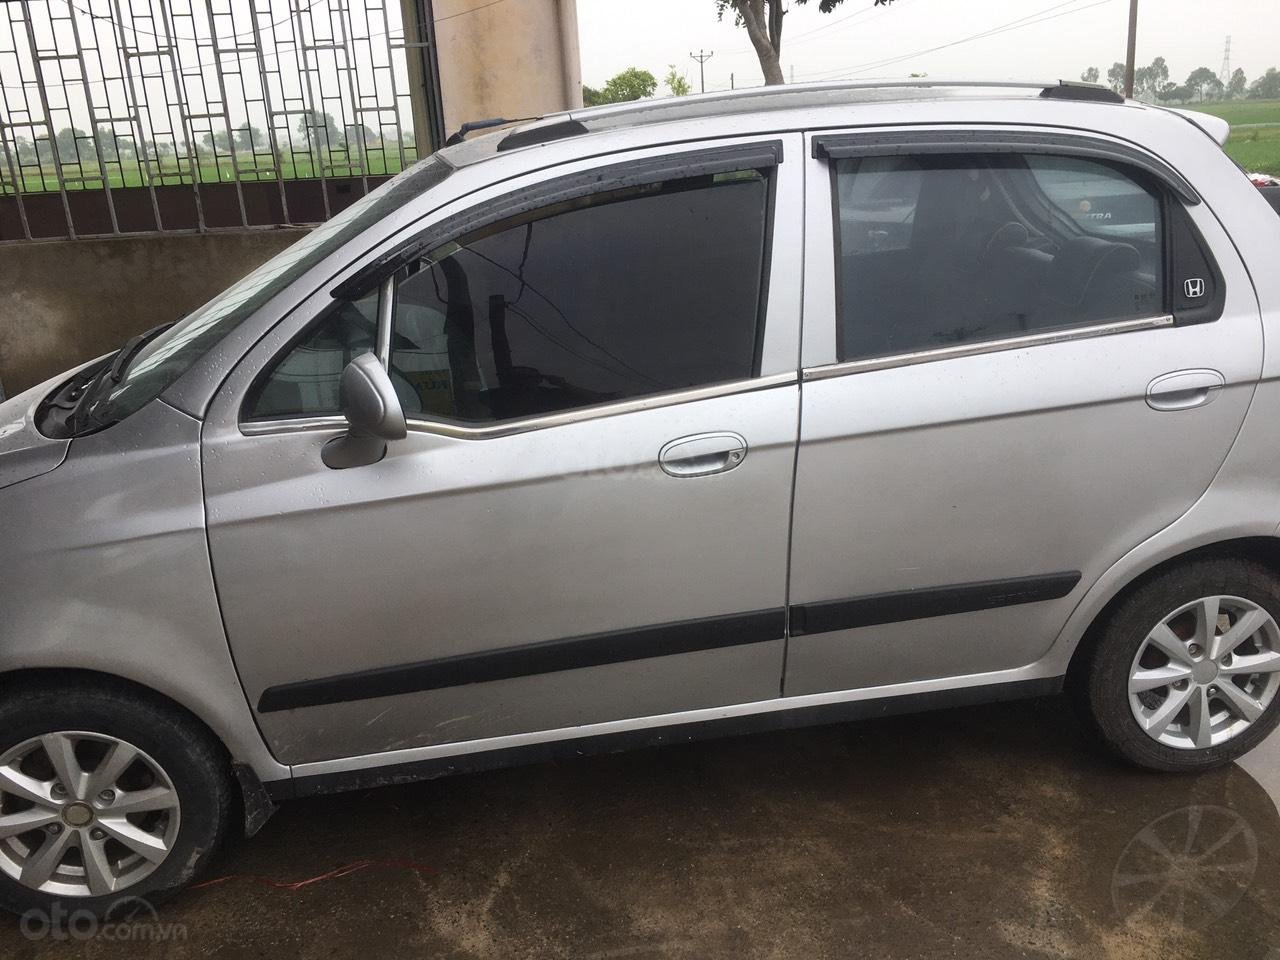 Bán ô tô Chevrolet Spark năm sản xuất 2010 chỉ 85 triệu, xem xe ở Ý Yên, Nam Định (2)